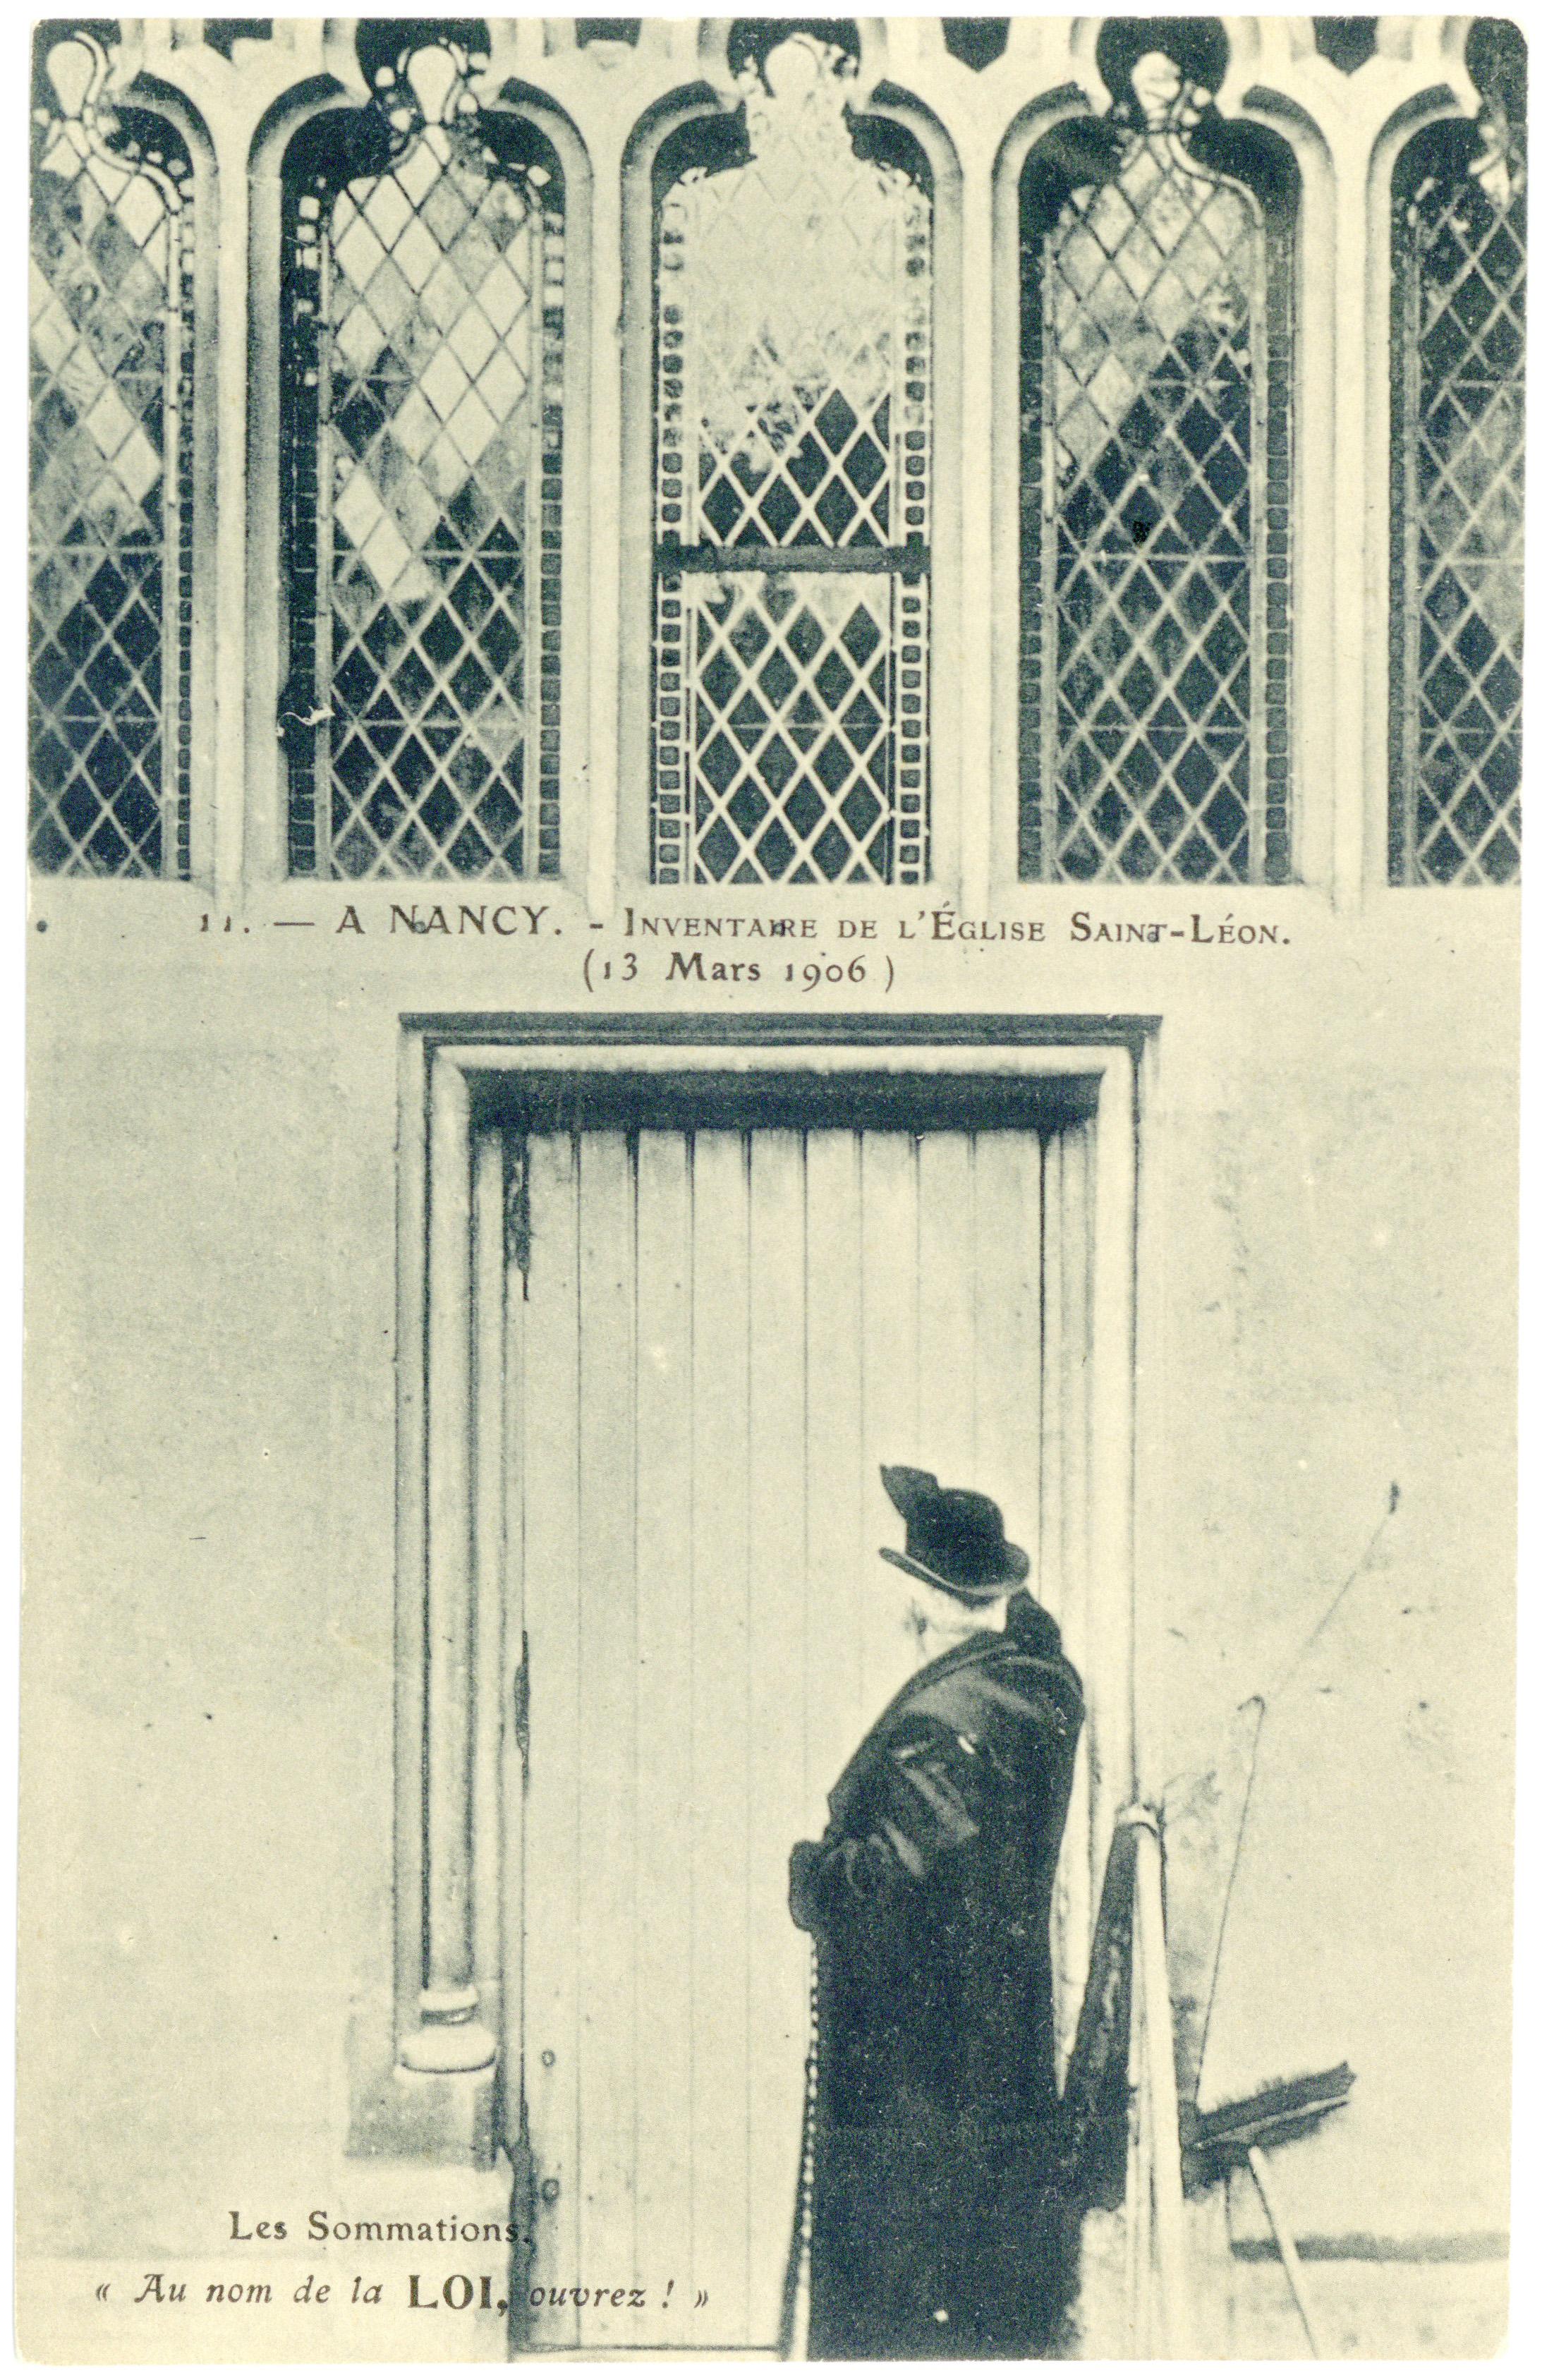 """Contenu du A Nancy. Inventaire de l'église Saint-Léon. (13 mars 1906), les sommations. """"Au nom de la loi, ouvrez !"""""""